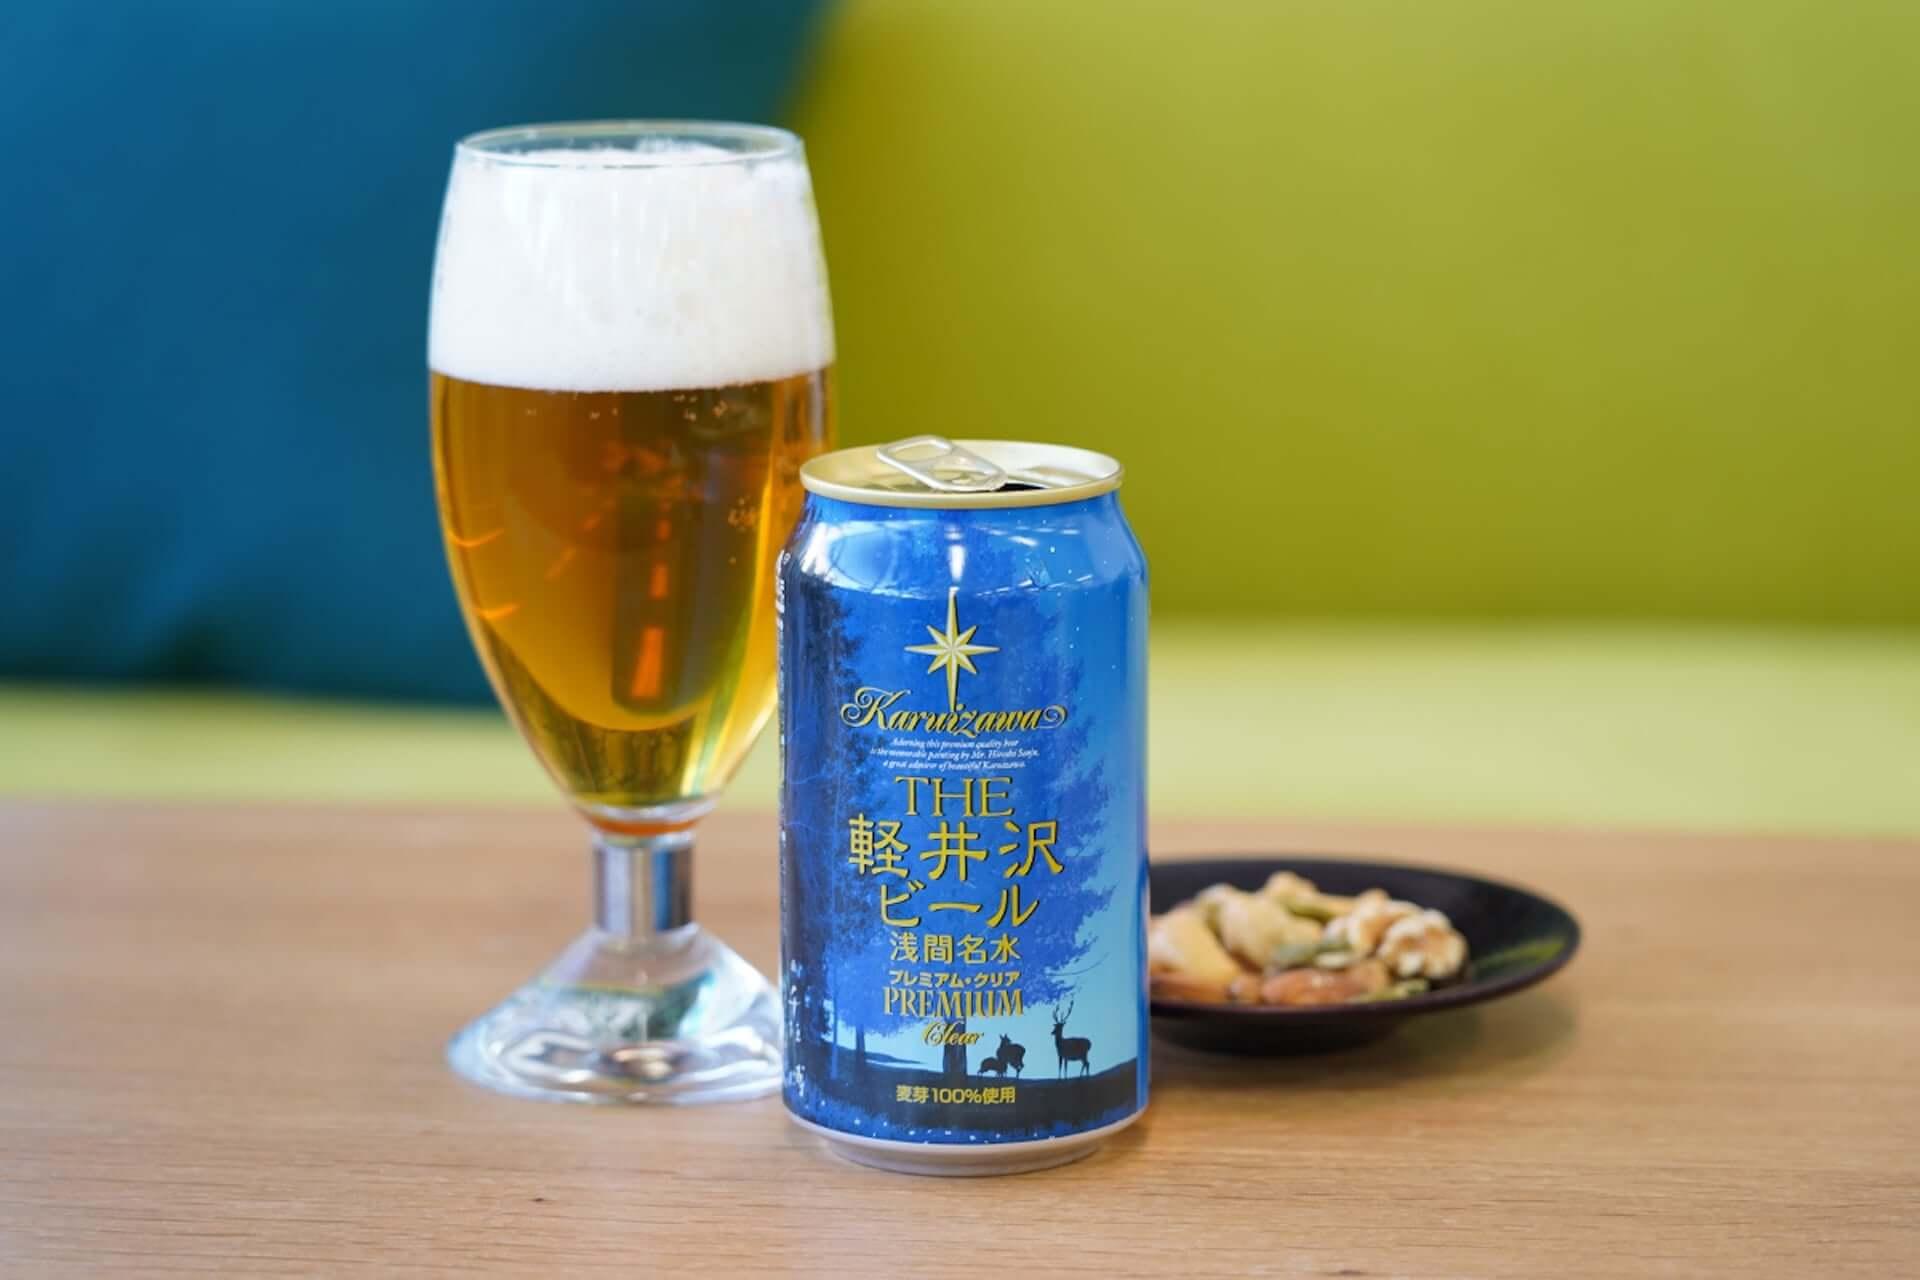 父の日限定の地ビール・クラフトビール8本飲み比べセットが登場!感謝のメッセージ付きギフトボックス gourmet200611_karuizawabeer_08-1920x1280